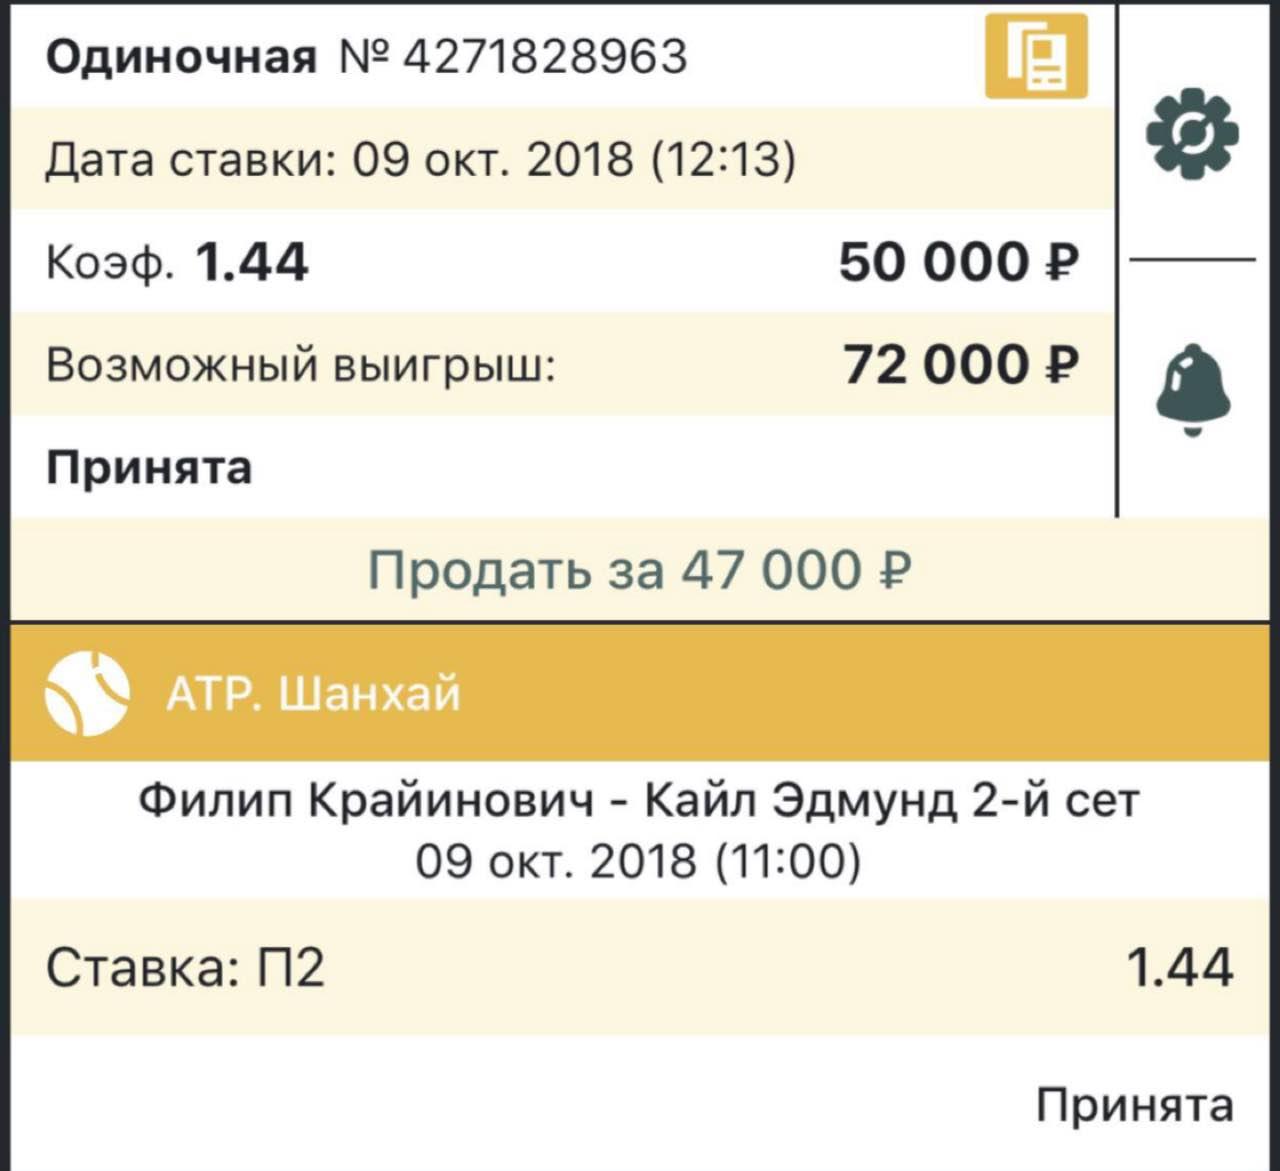 Ставки на матч Ферро – Векич, прогноз на теннис от 17.10.2018